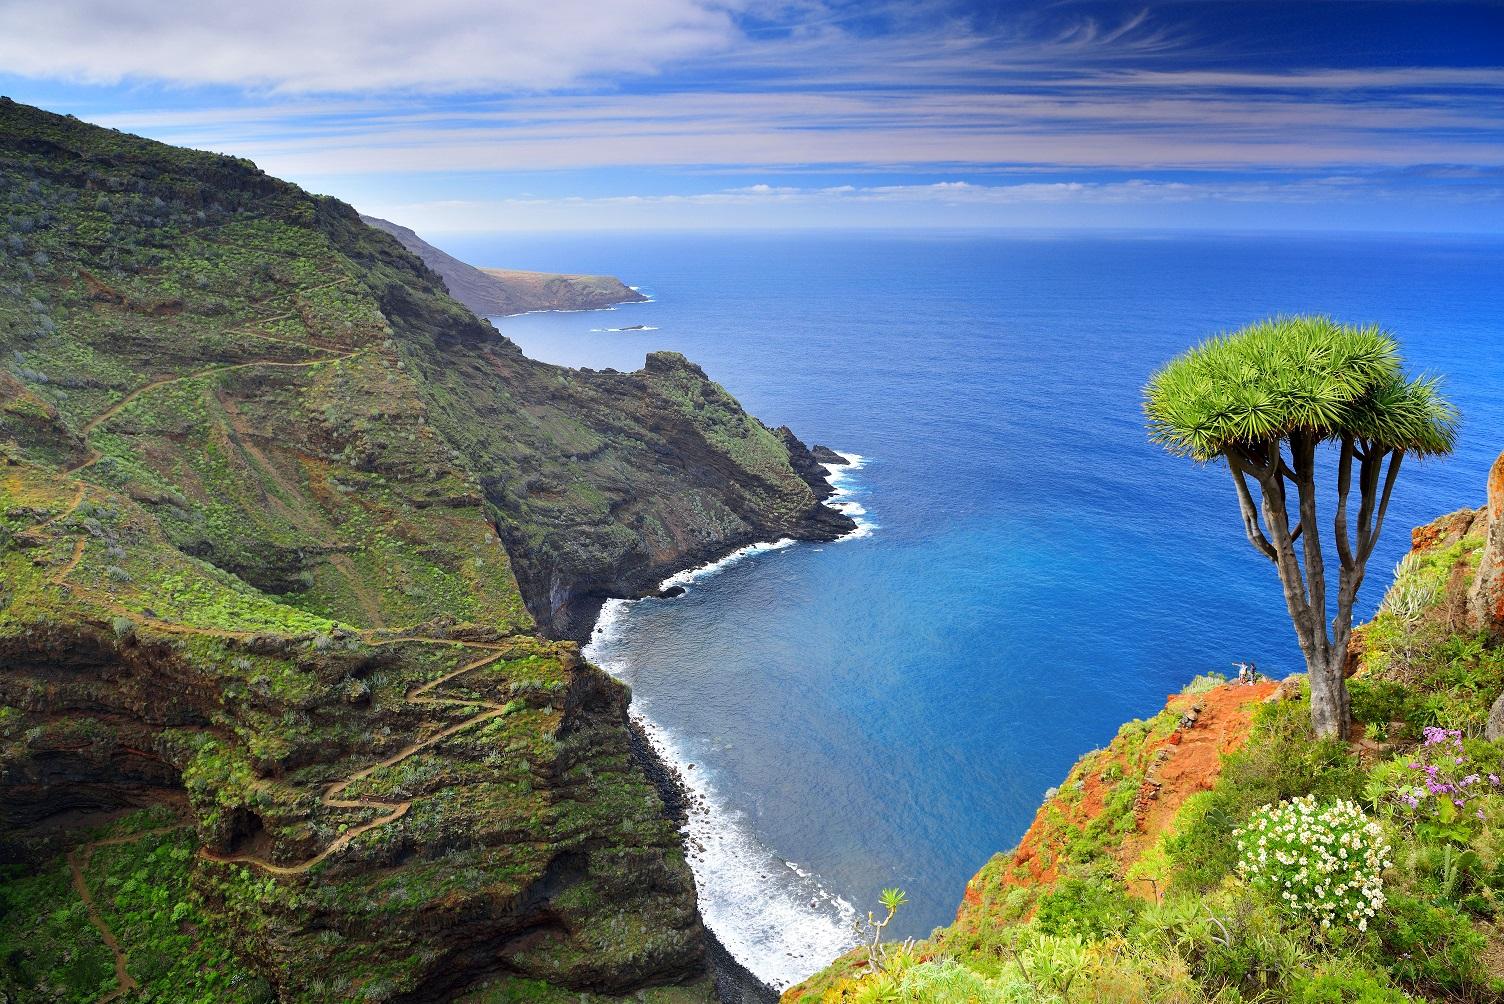 Ein Bild sagt mehr als tausend Worte | Besuchen Sie La Palma